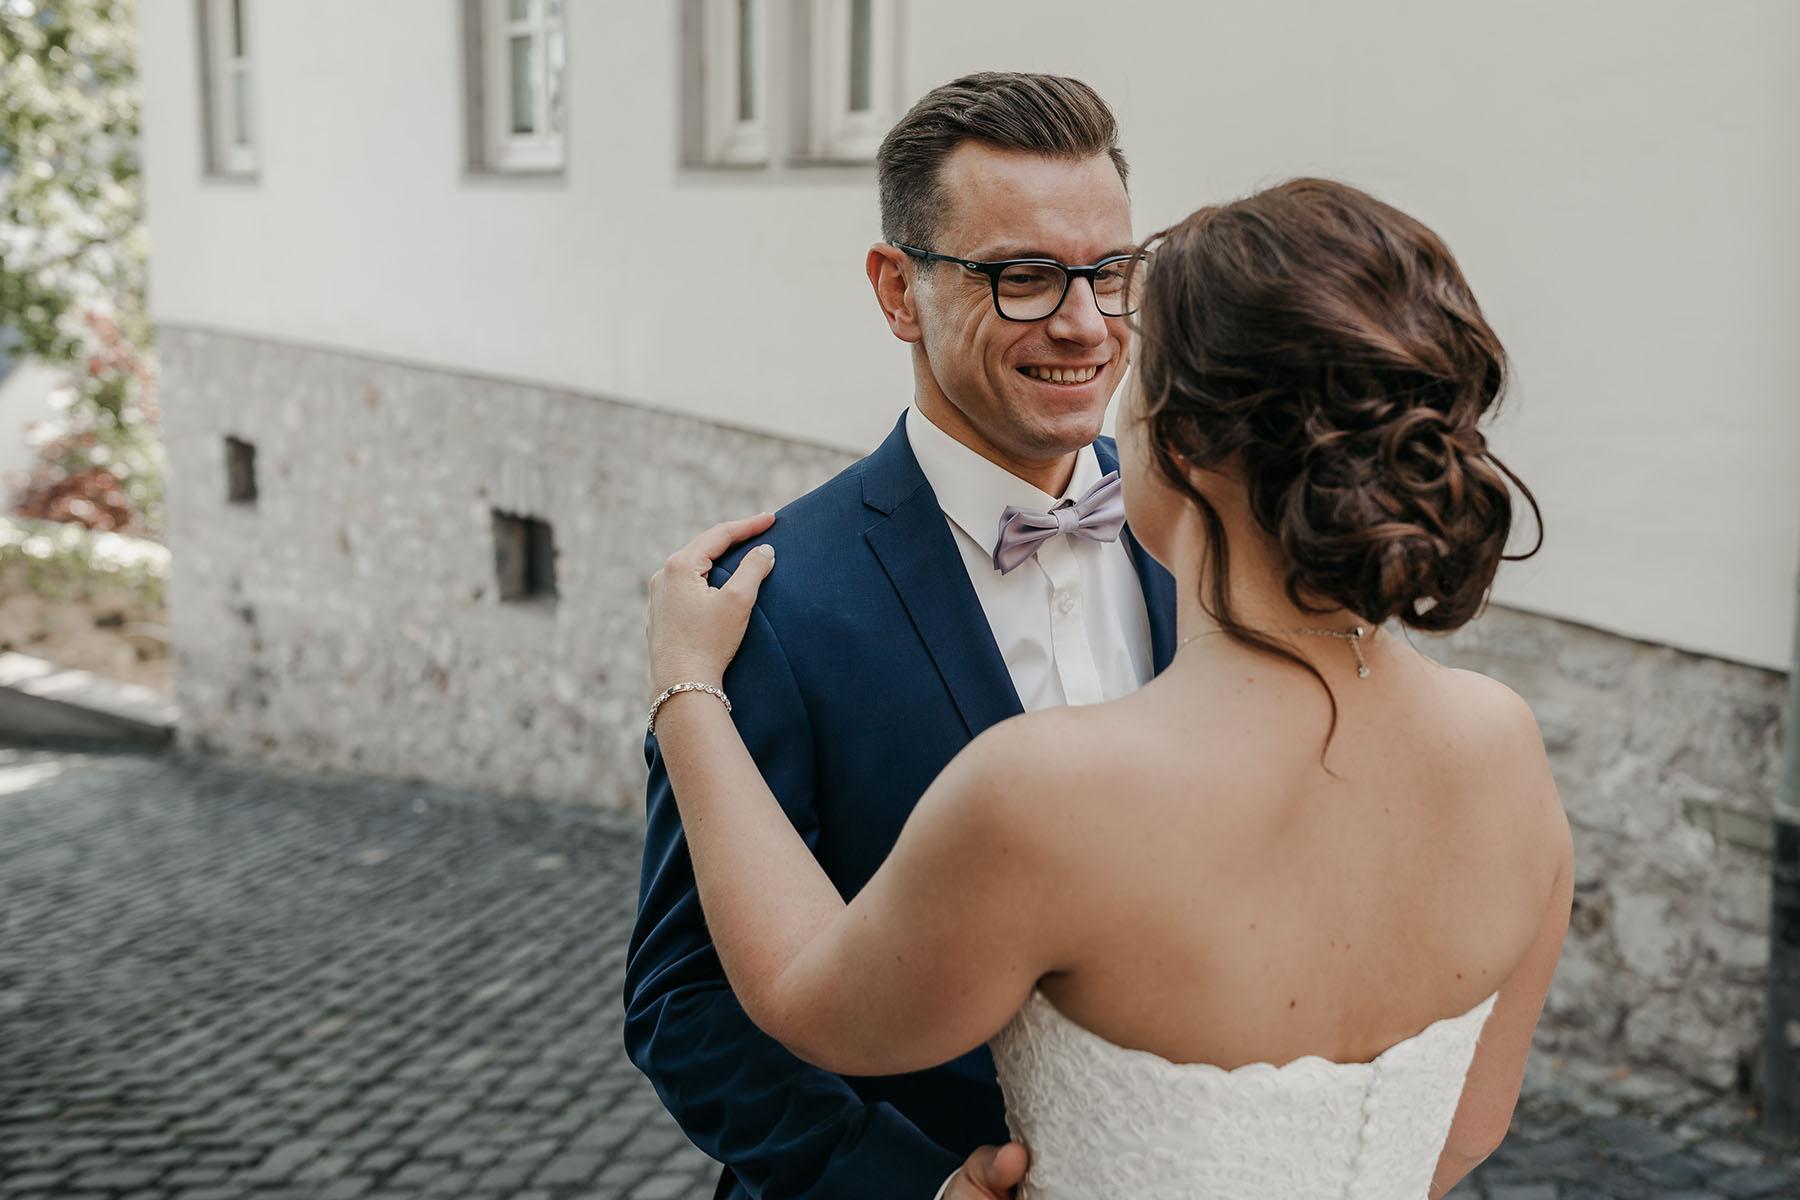 Hochzeitstanz auf der Straße